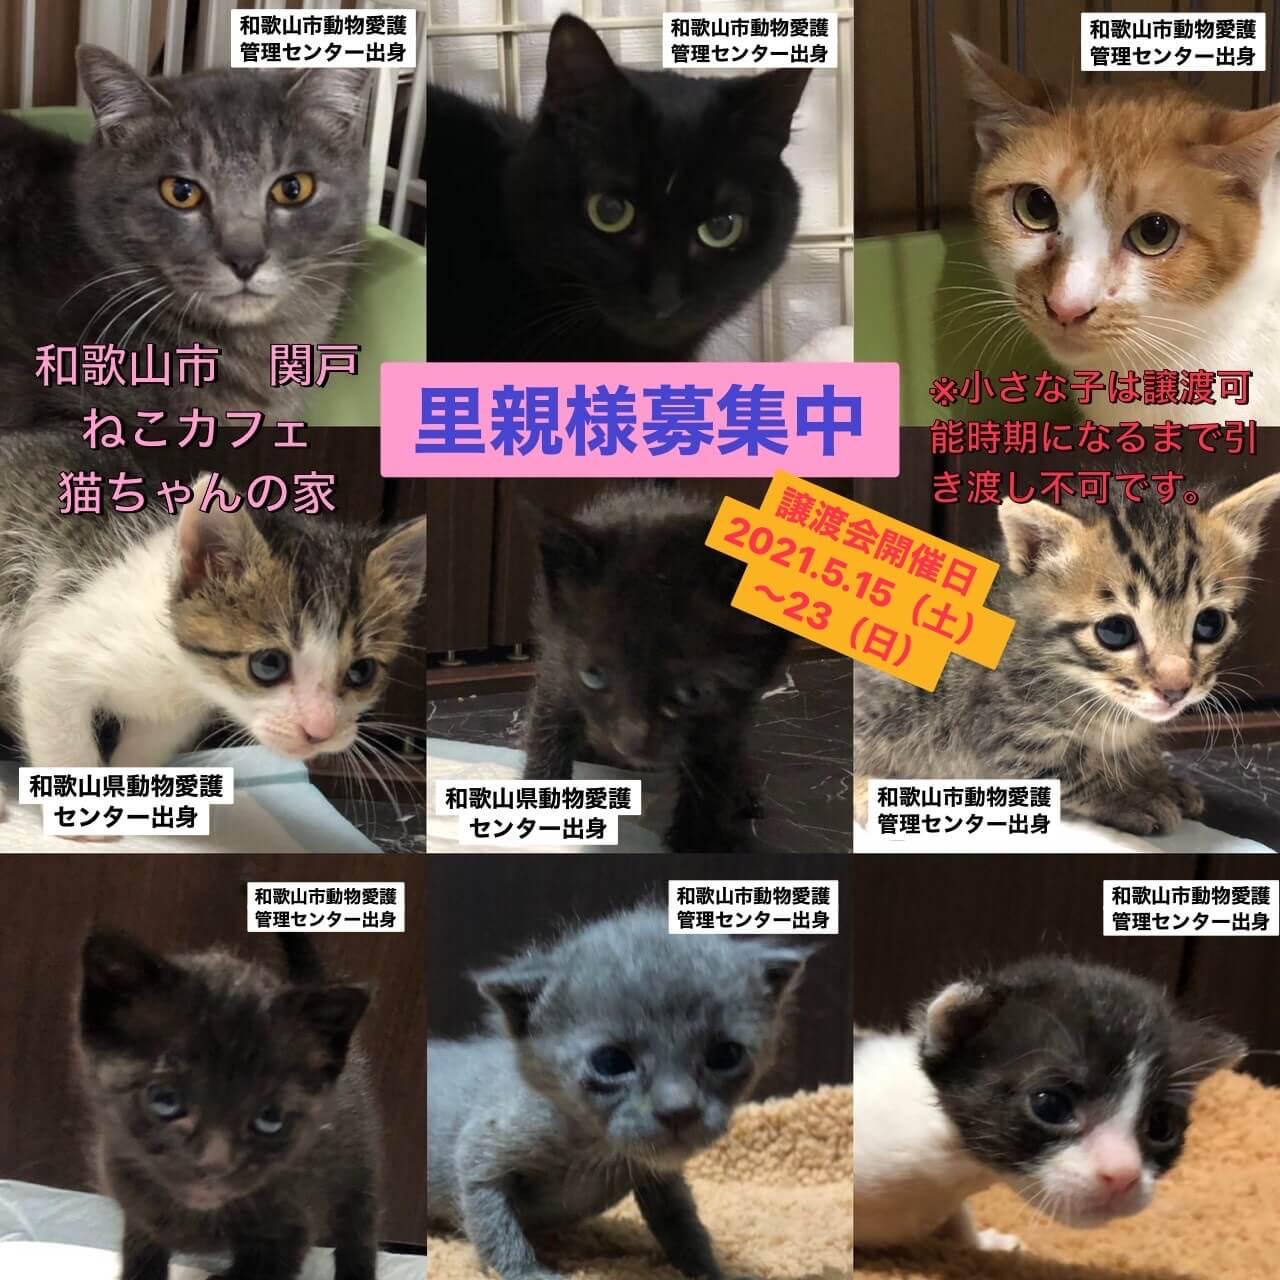 愛護センター出身の猫ちゃんの譲渡会です!